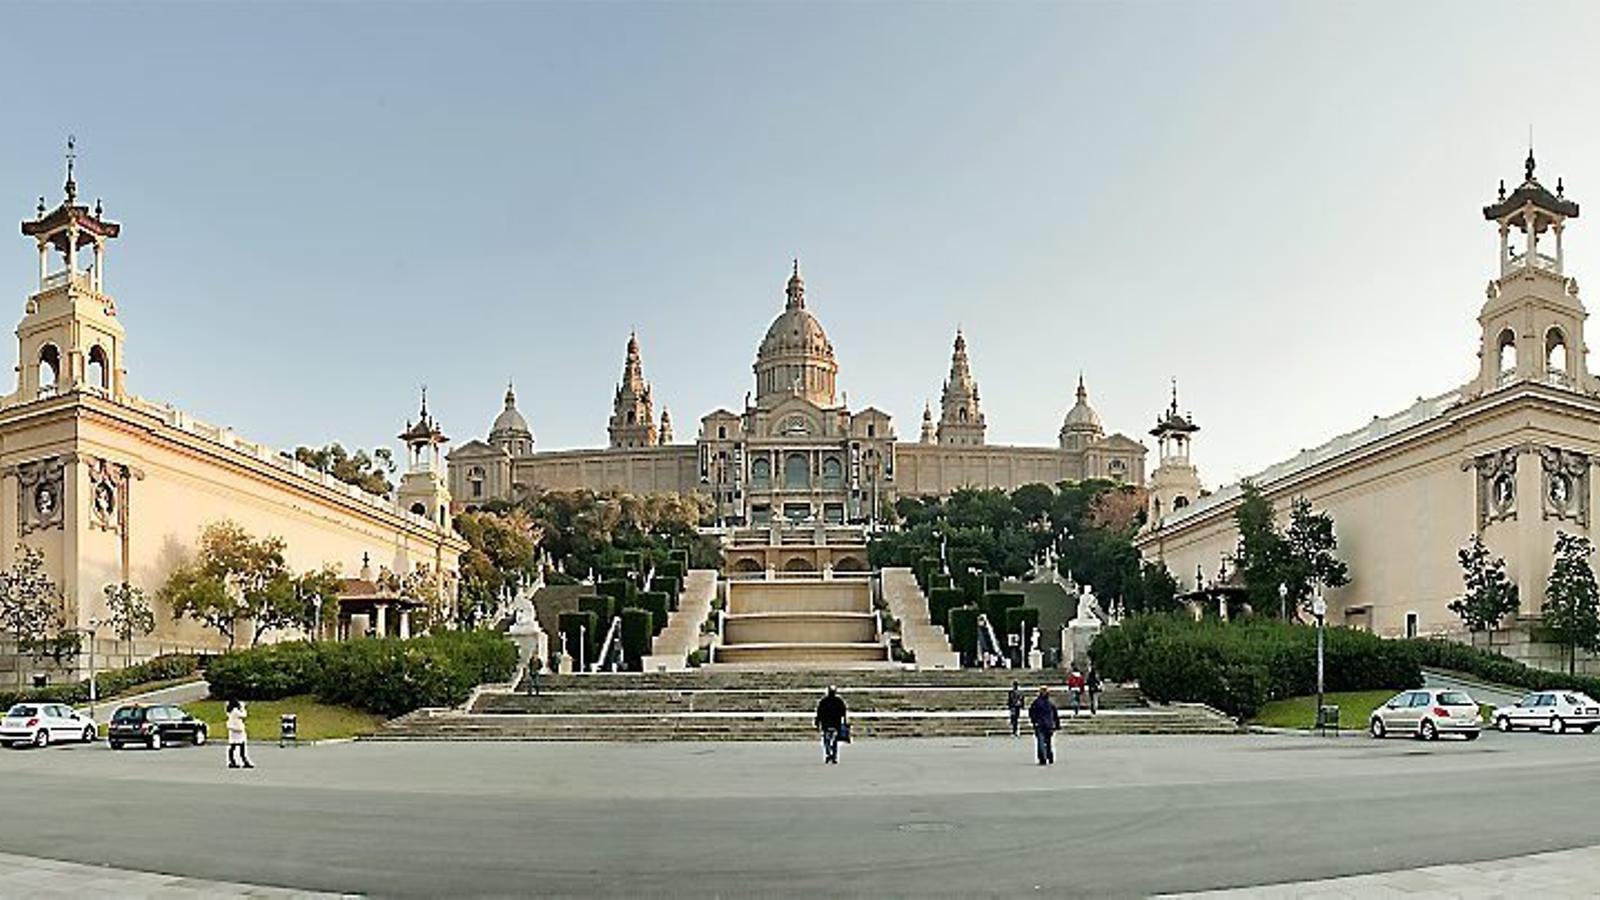 El Museu Nacional d'Art de Catalunya amb els palaus d'Alfons XIII i Victòria Eugènia als peus.